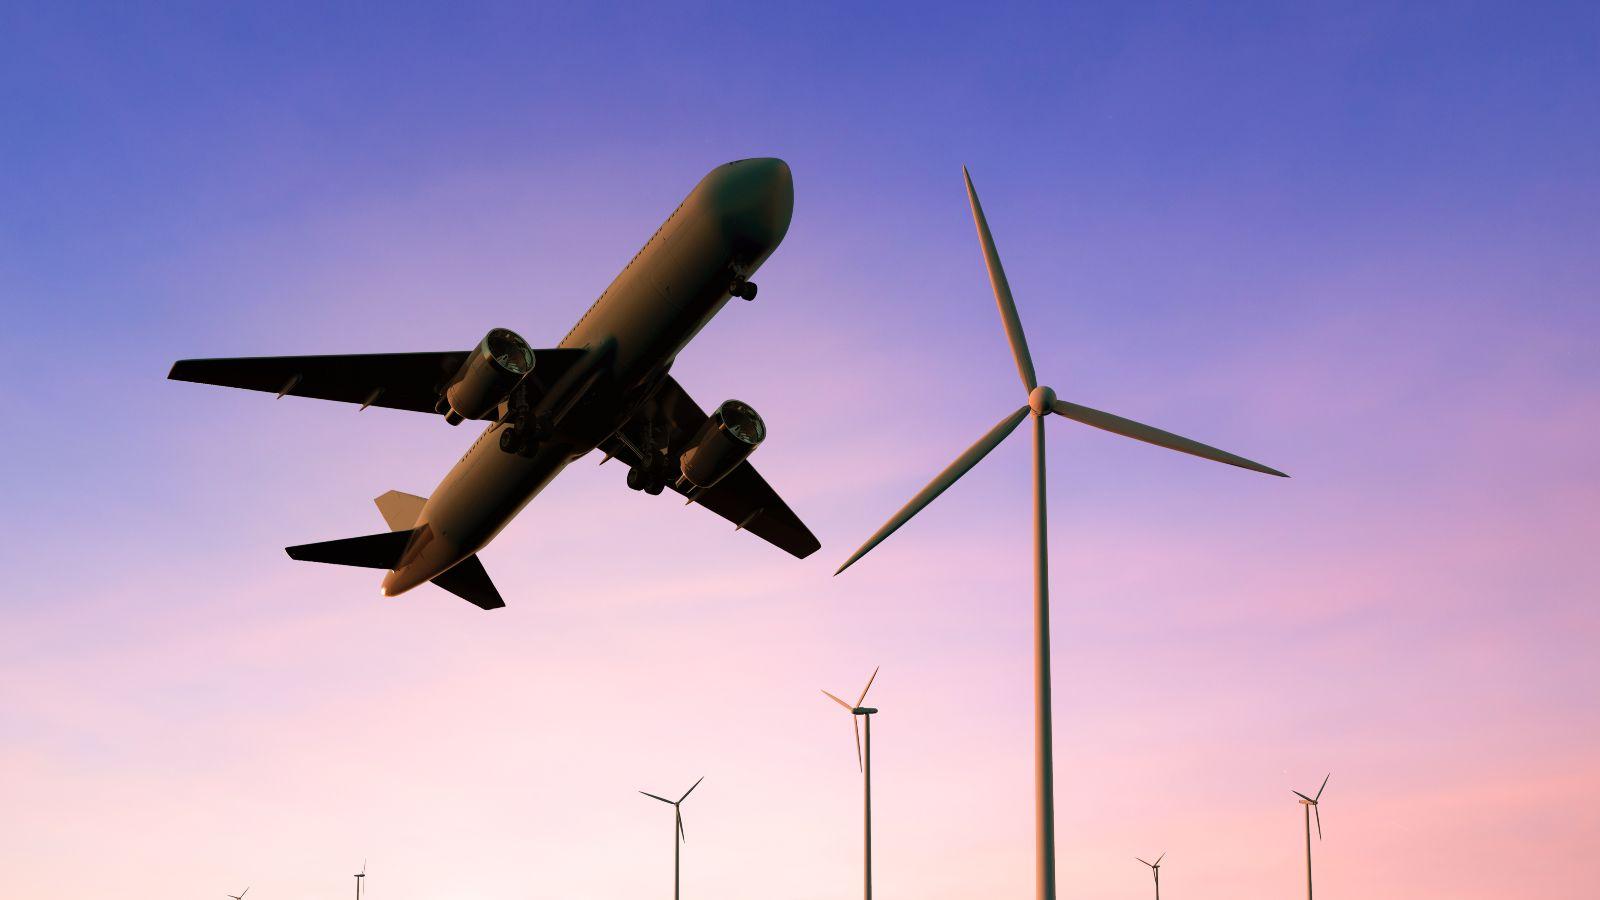 Das Bild zeigt ein Flugzeug über einigen Windrädern.